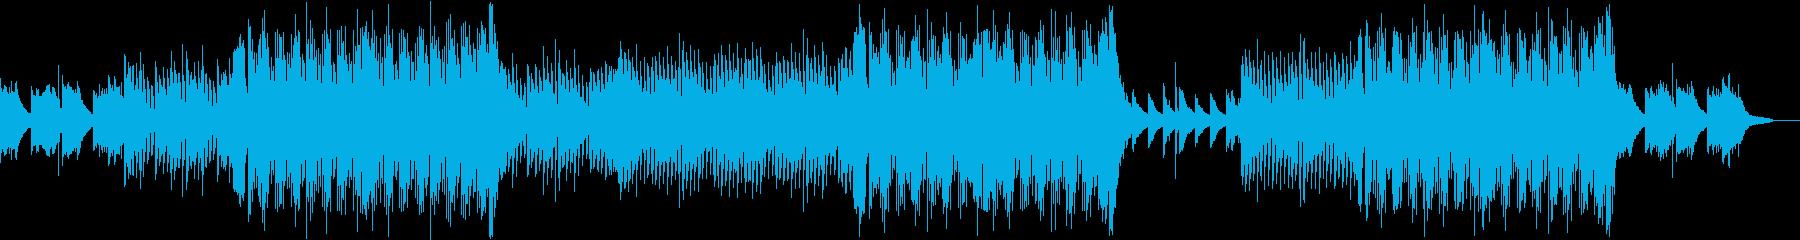 暖かくて夏に合う感動的なBGMの再生済みの波形